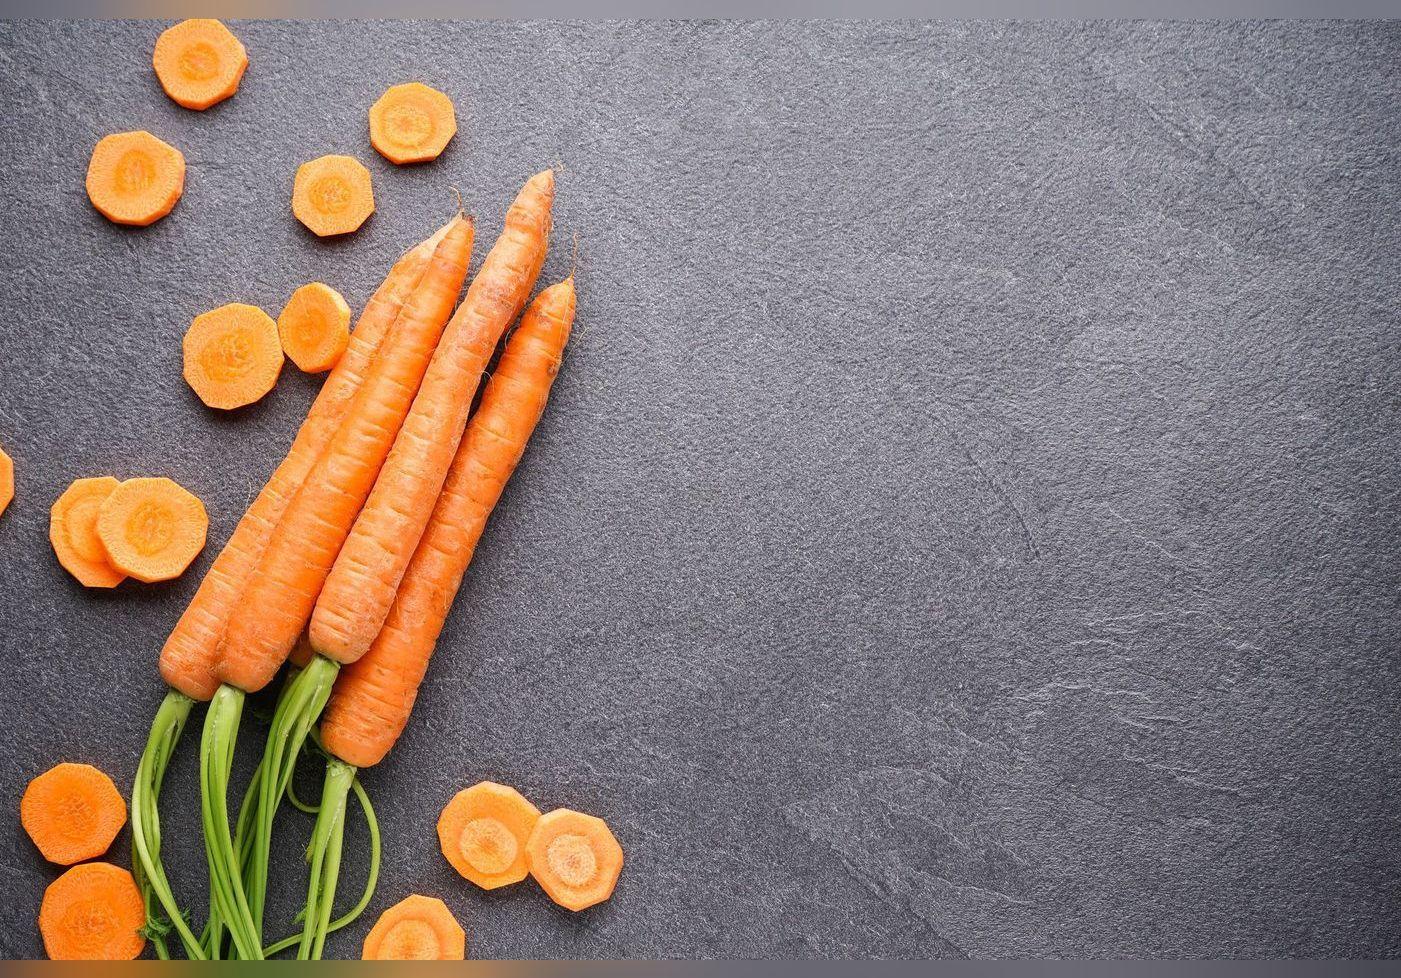 Cette astuce ultra simple et savoureuse pour cuisiner les carottes va vous bluffer. La recette cartonne sur Internet.